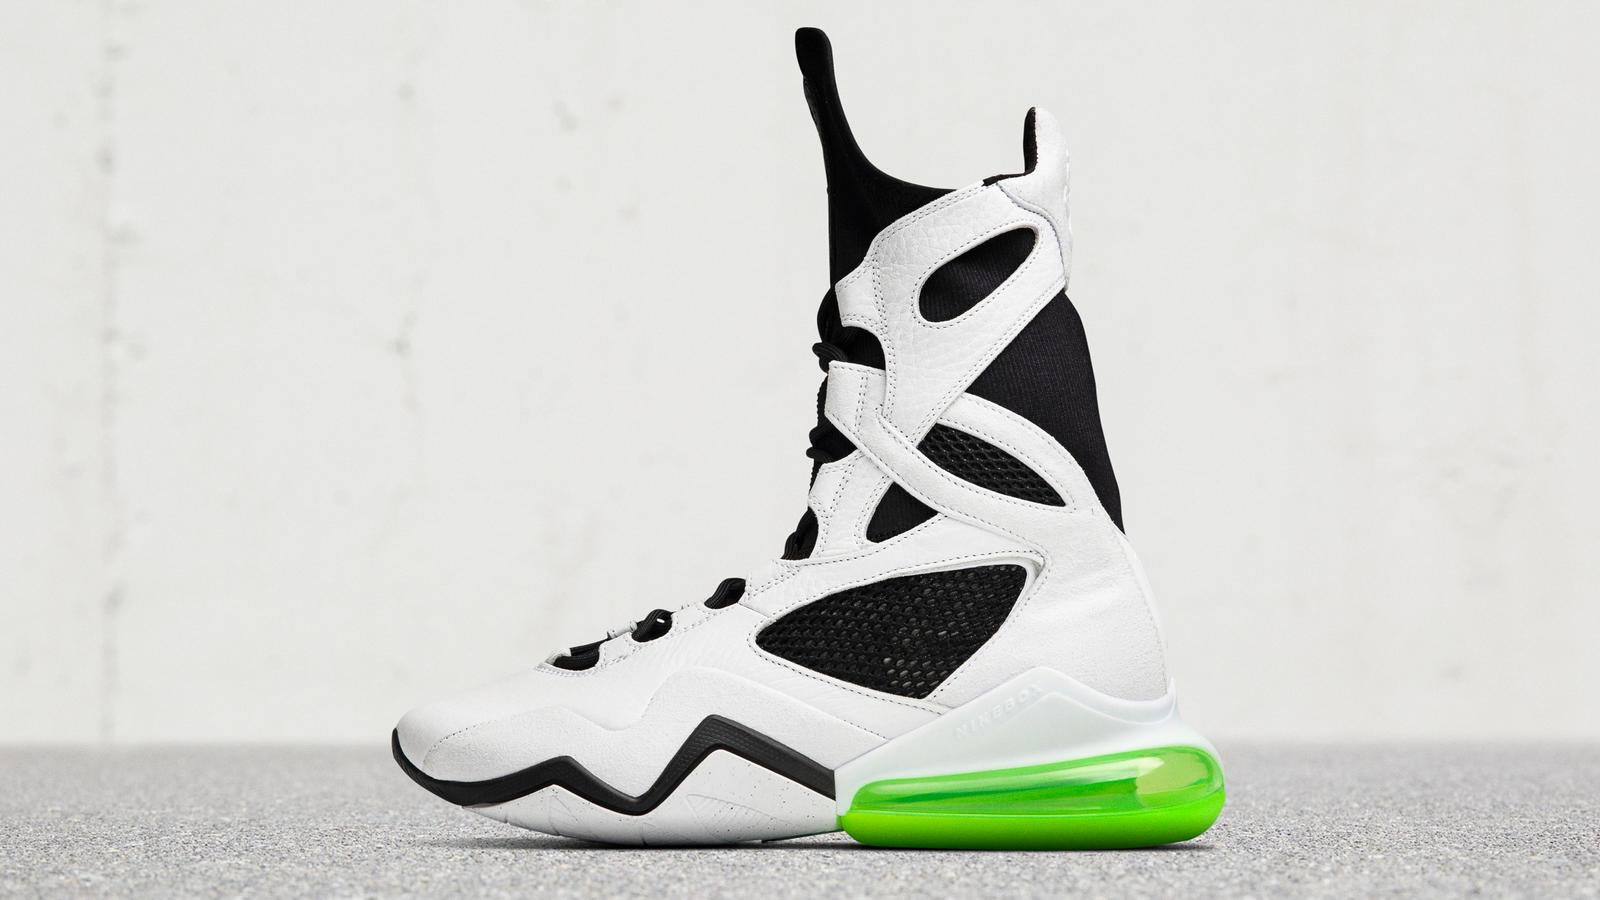 Nike Women's Footwear Summer 19 Nike News